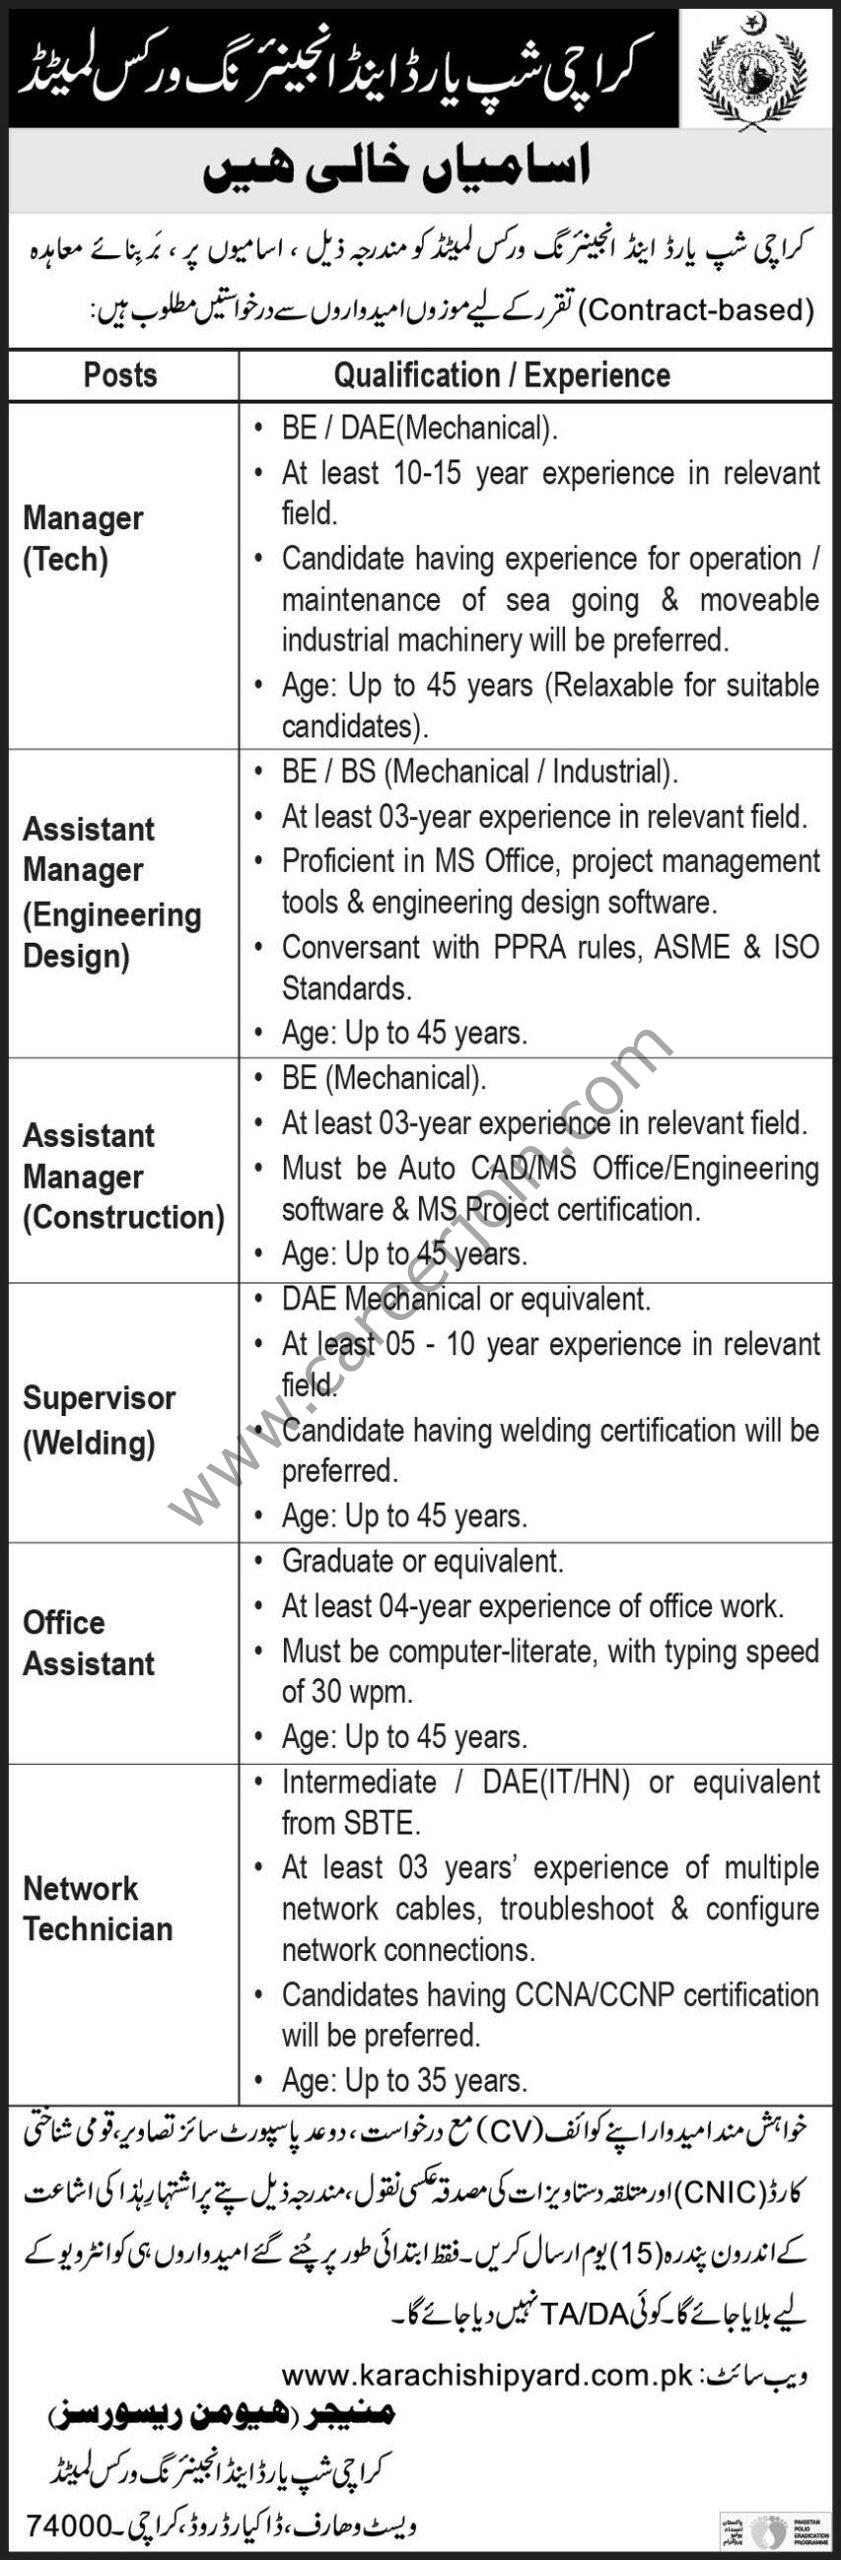 www.karachishipyard.com.pk Jobs 2021 - Karachi Shipyard & Engineering Works Ltd KS&EWL Jobs 2021 in Pakistan